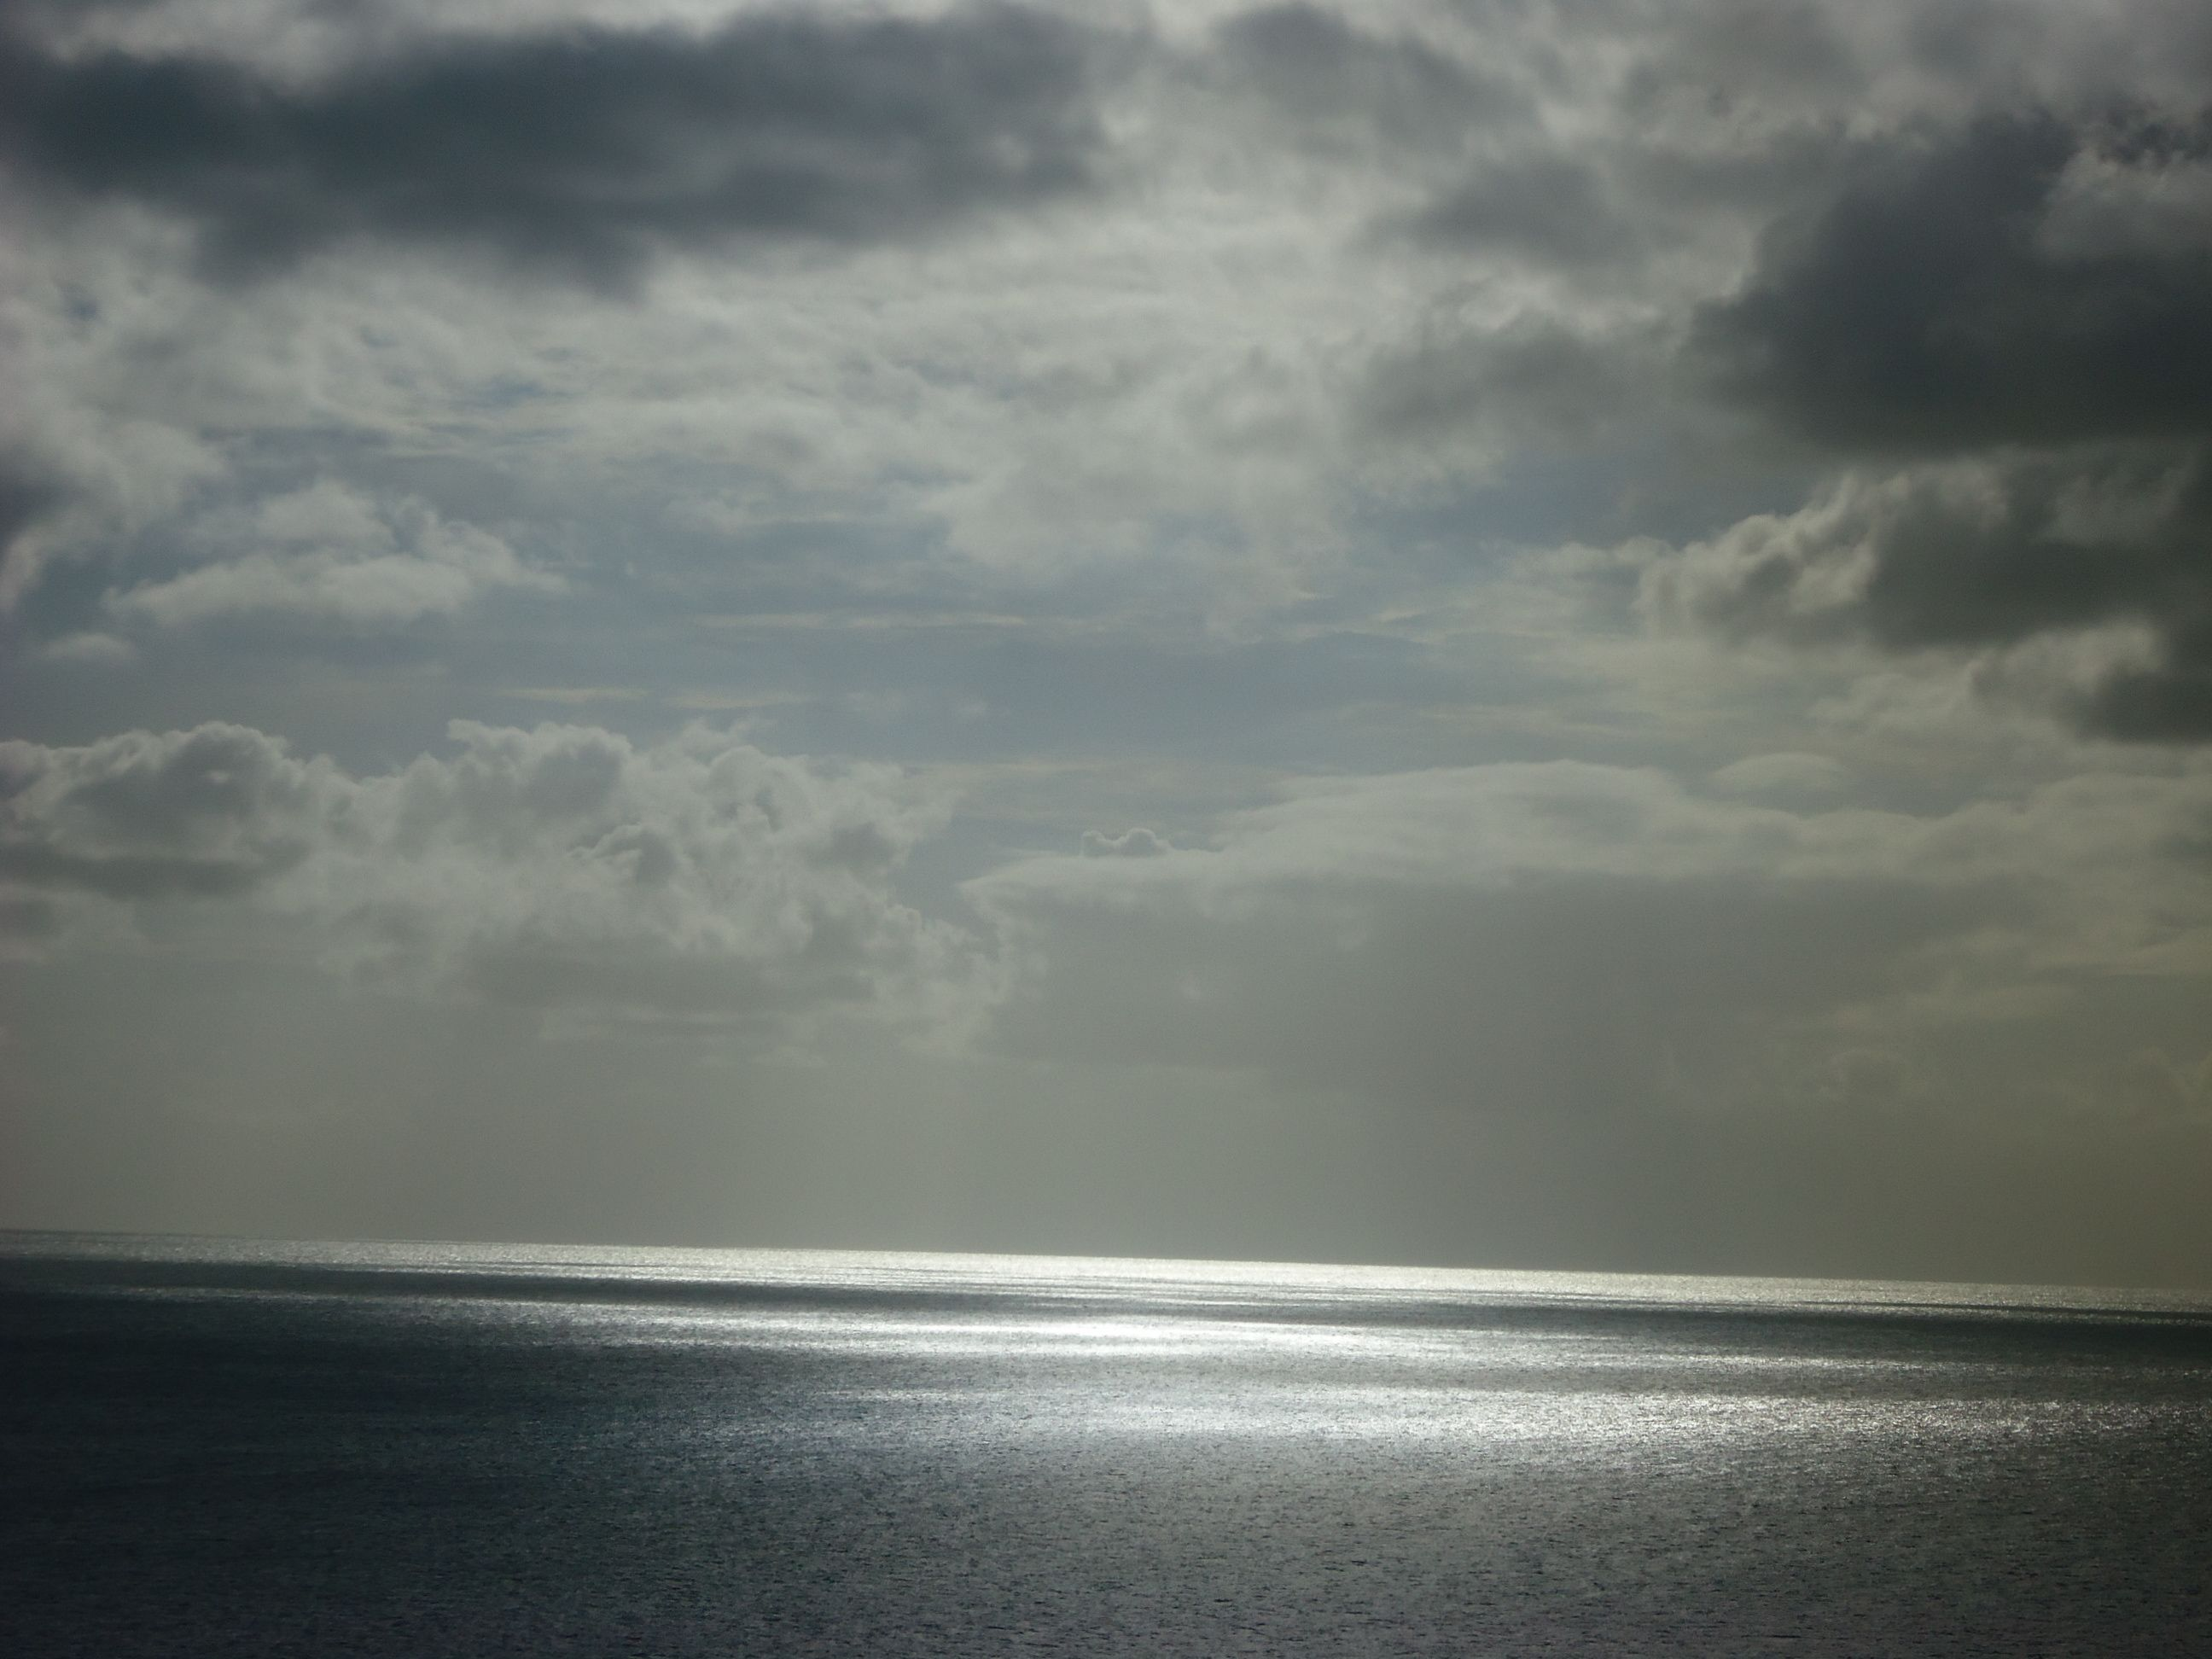 Vista del Oceano desde el crusero Adventure of the seas